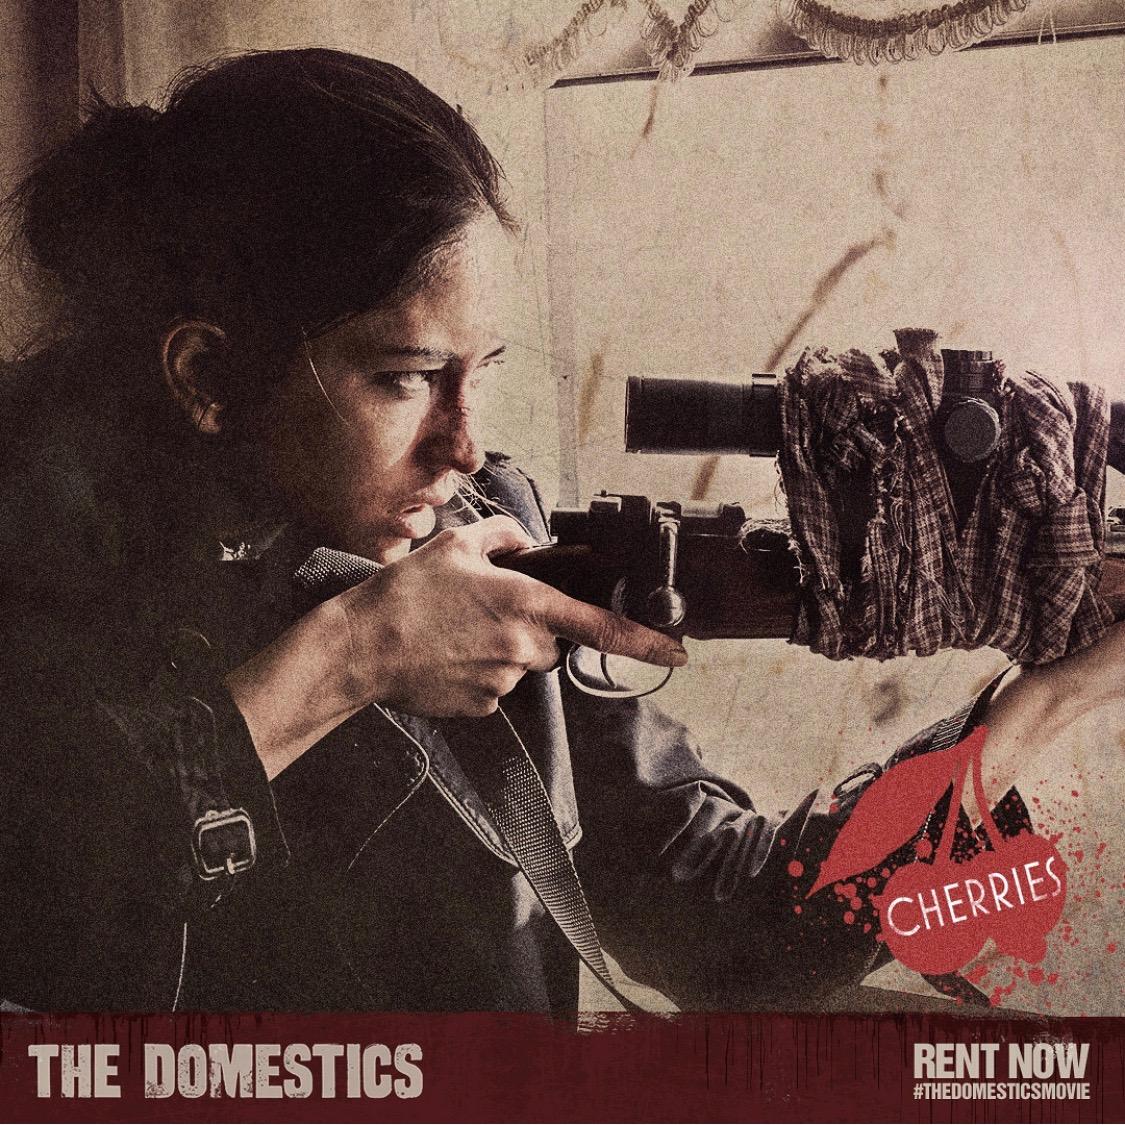 The Domestics - Sonoya Mizuno  Alfonso Bresciani/MGM Studios